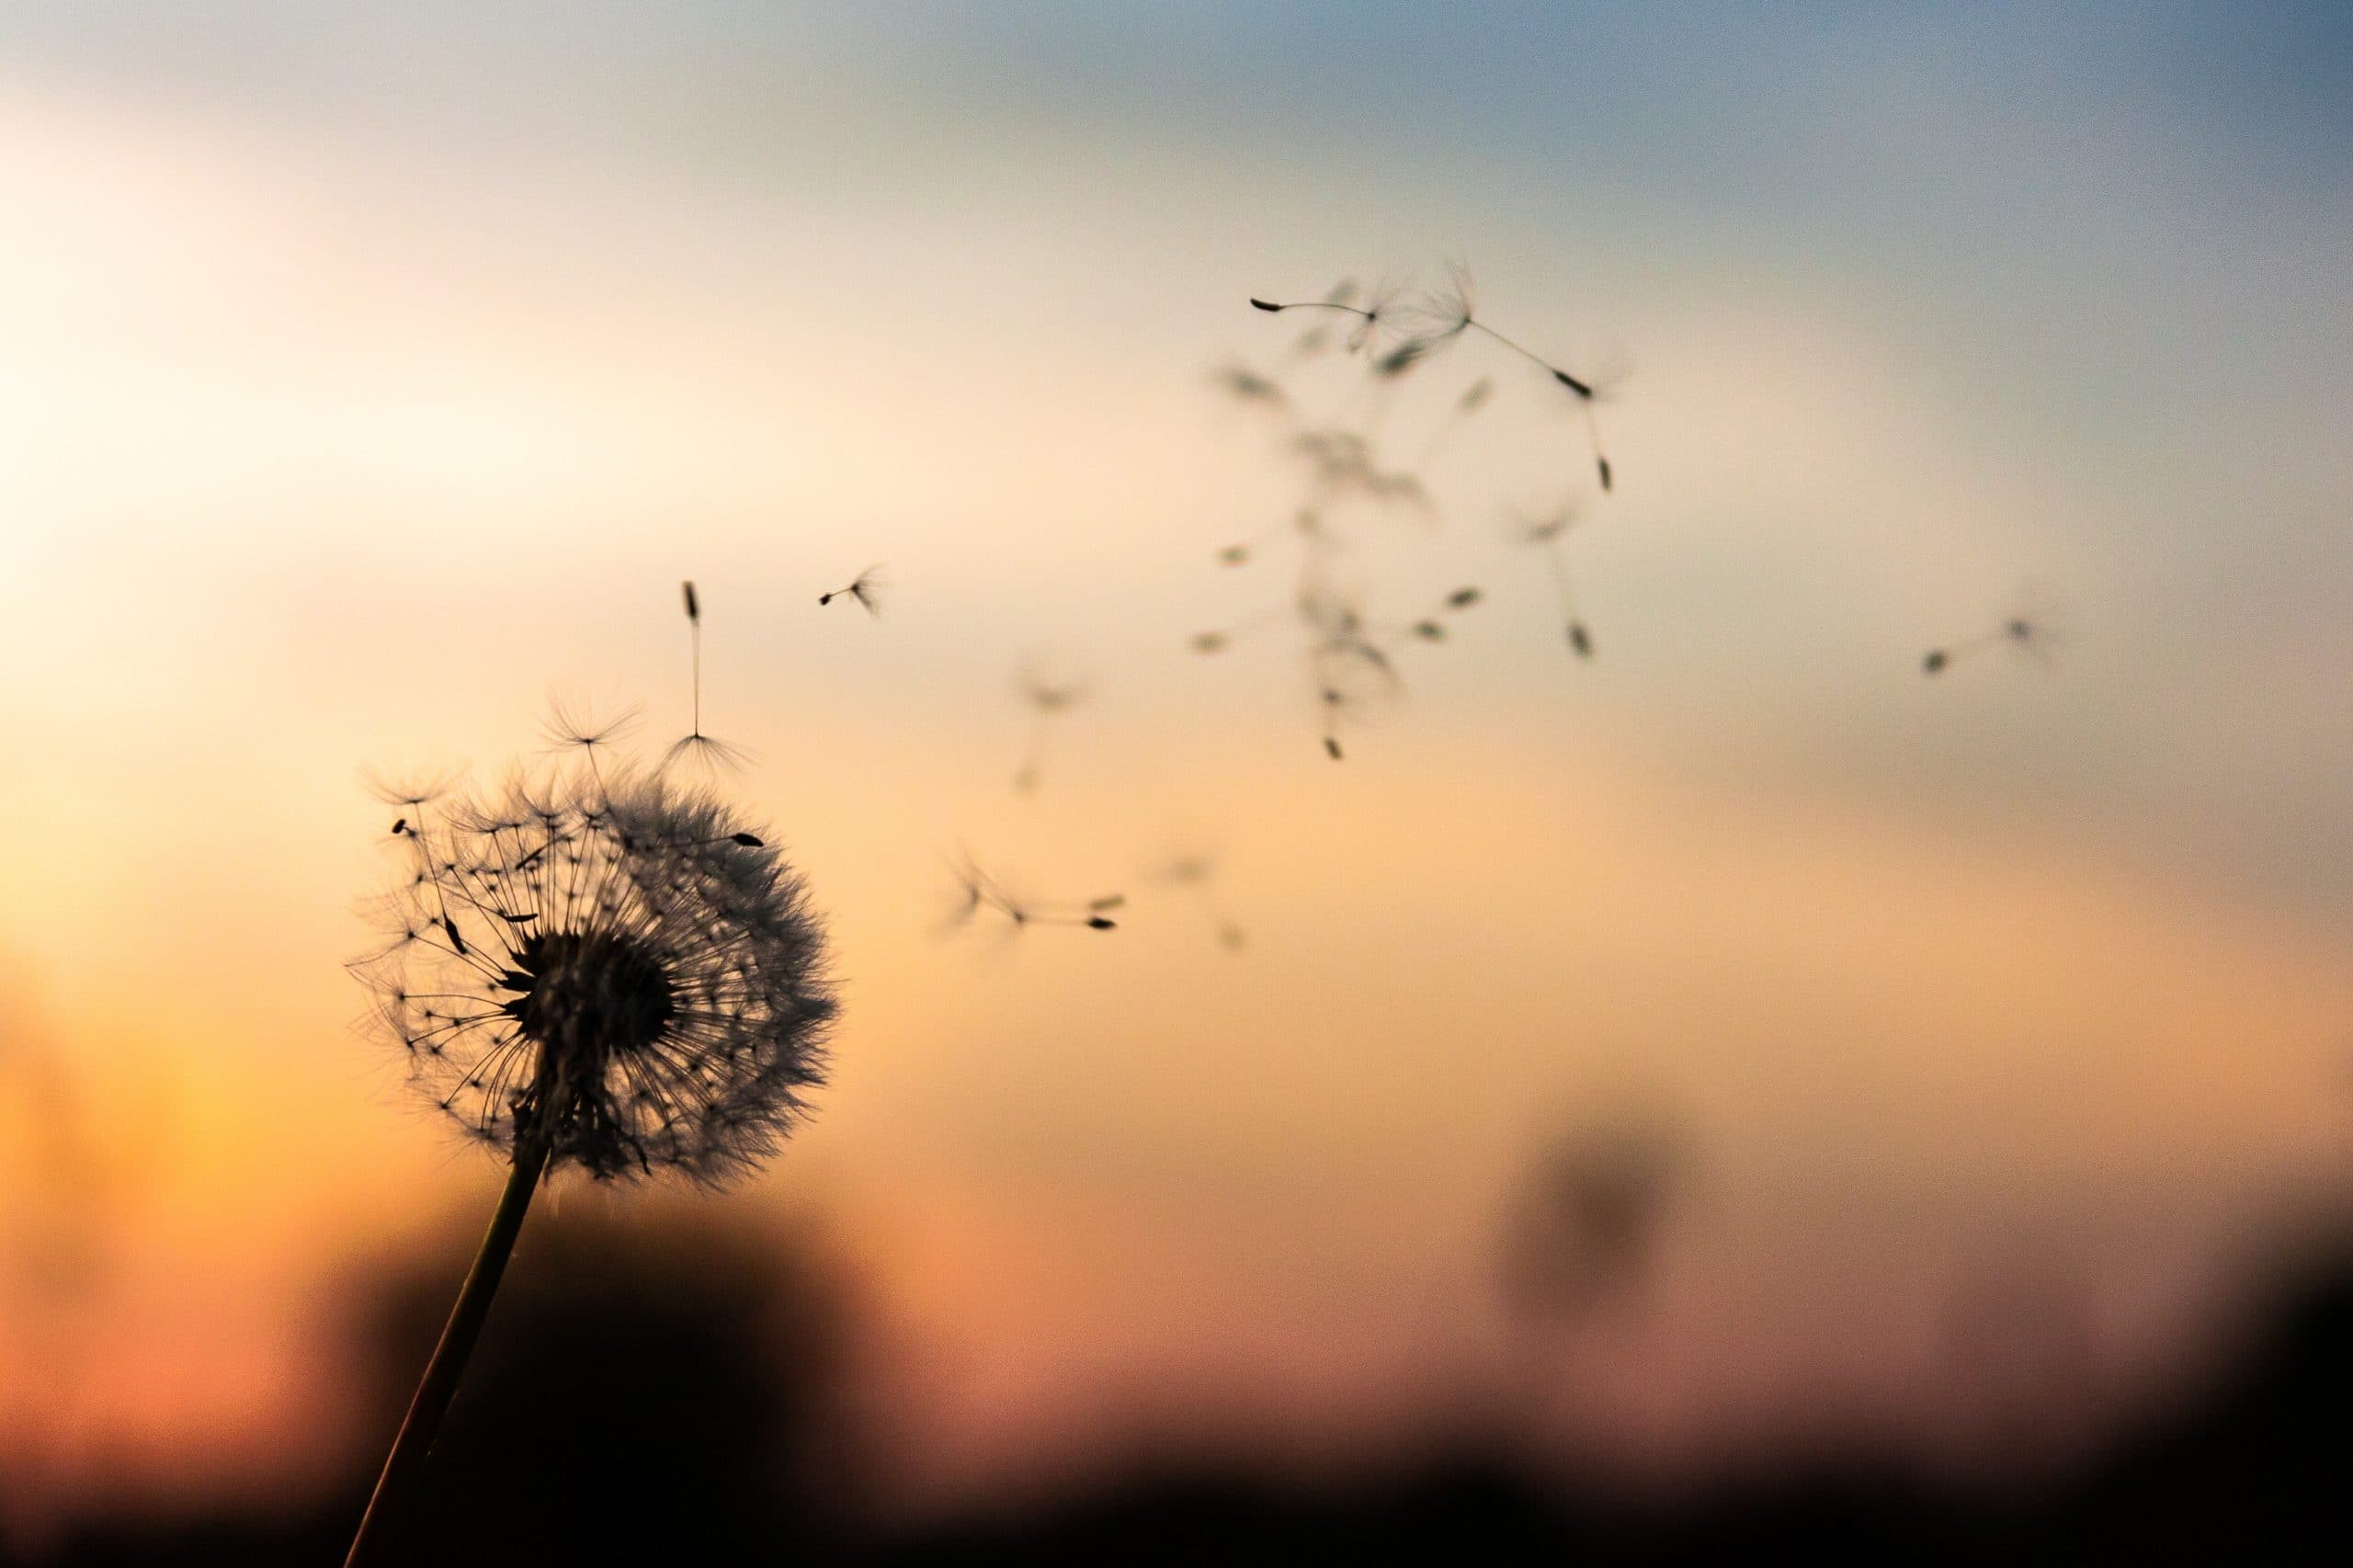 Flor dente de leão se desfazendo com o vento